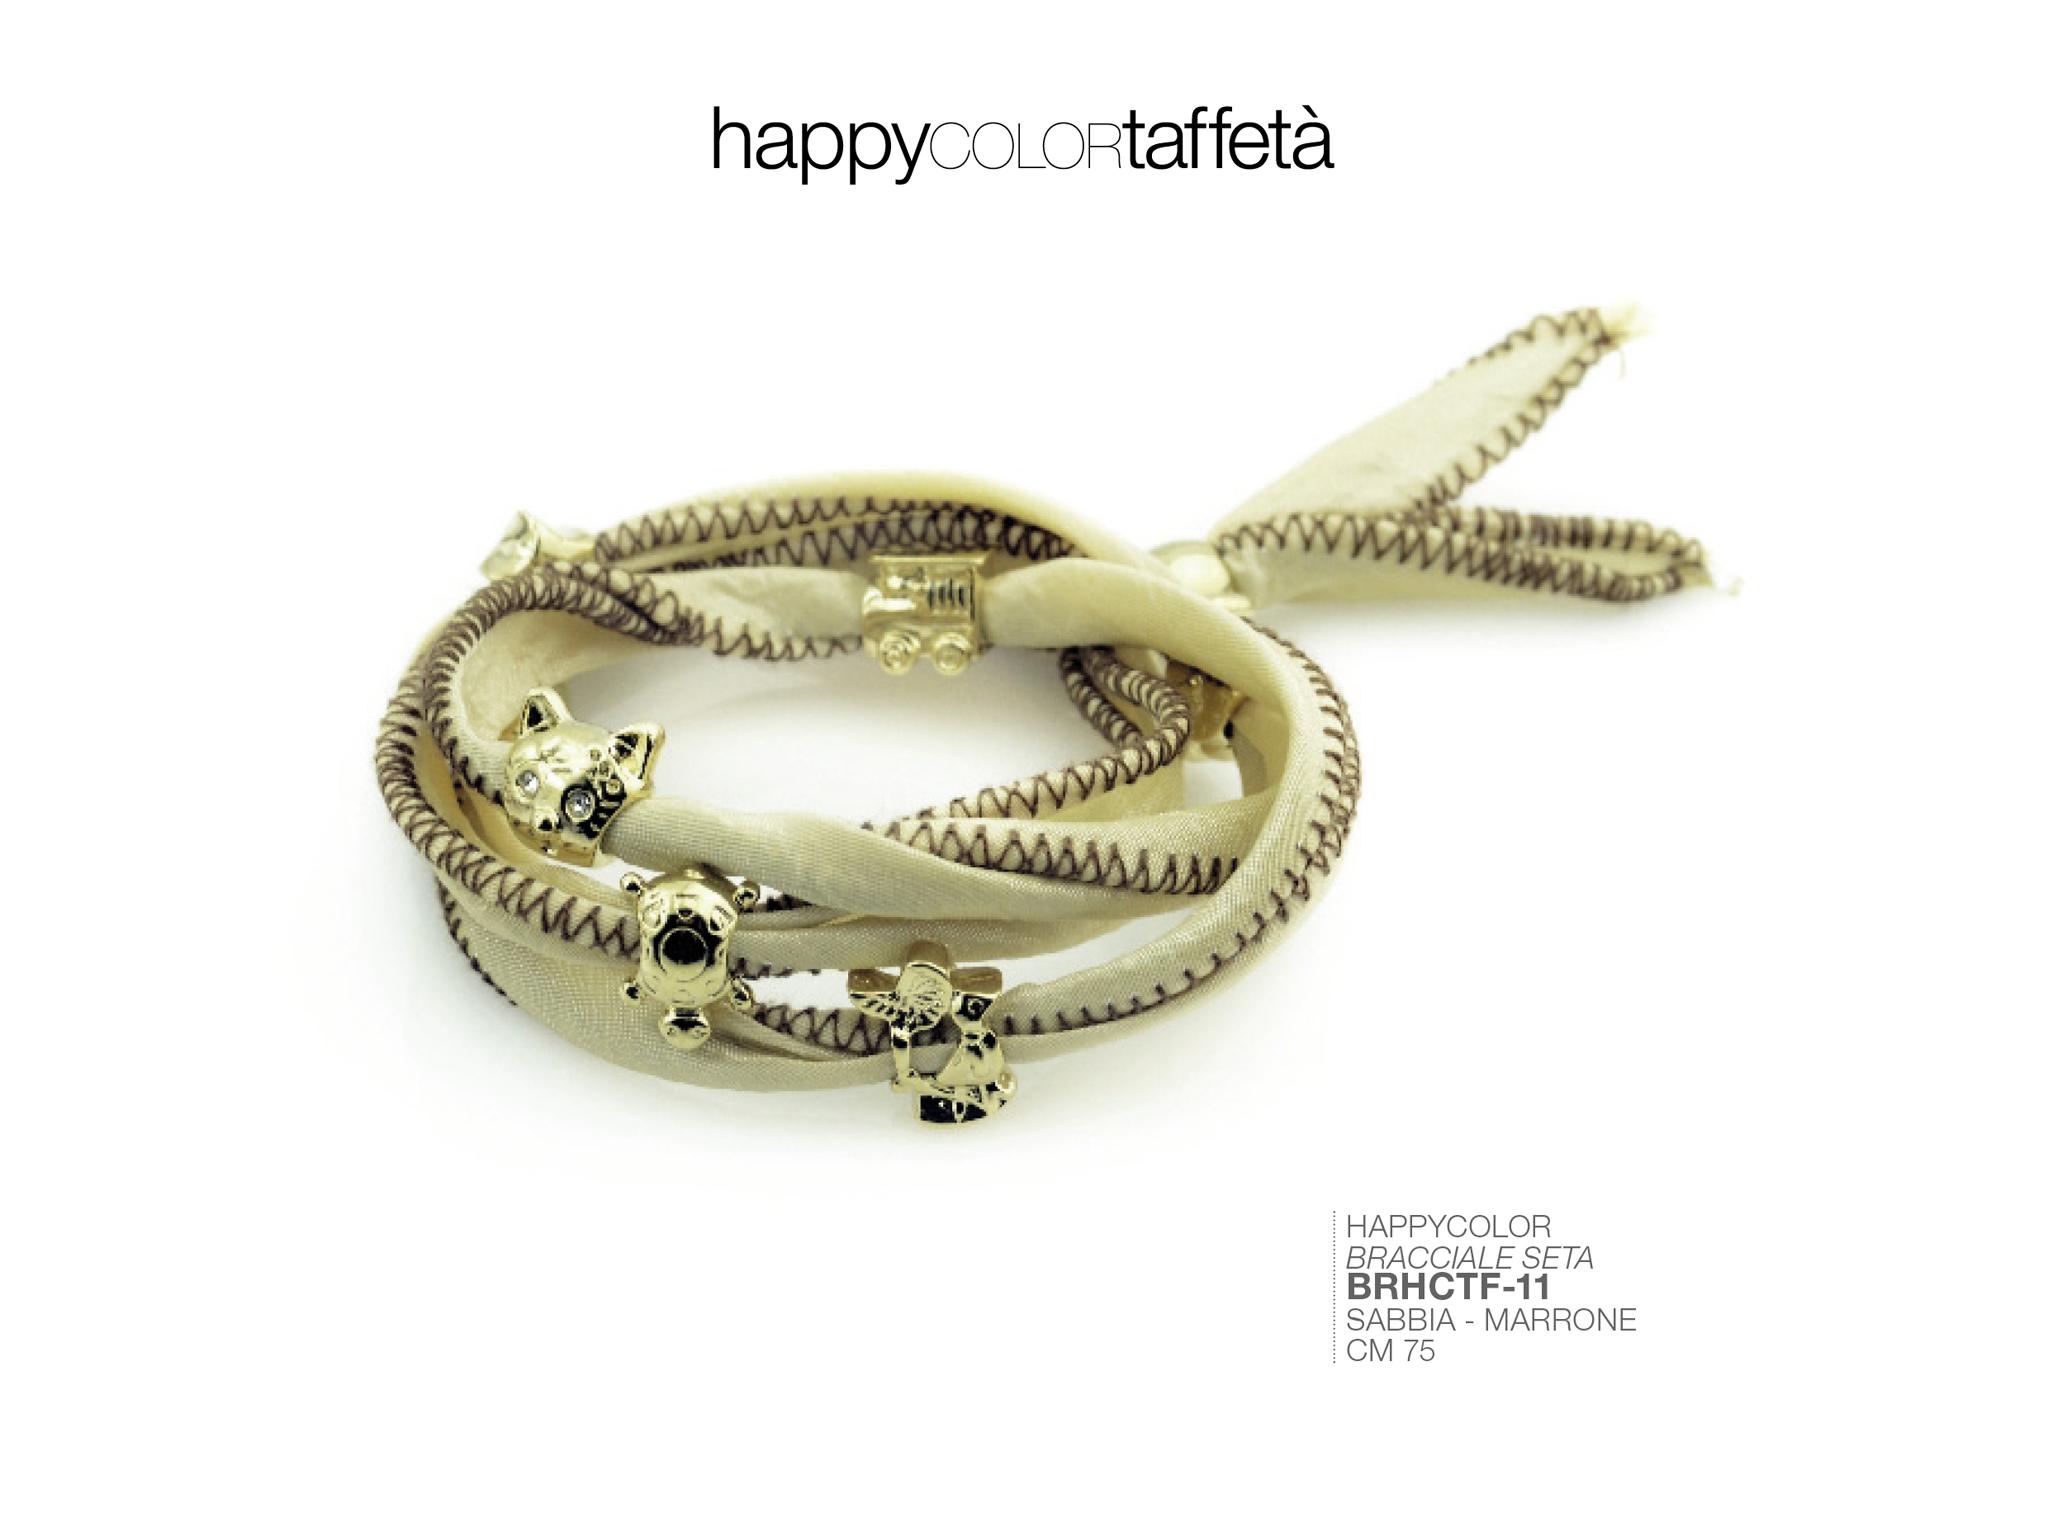 happycolor_taffeta_pagina_12_app